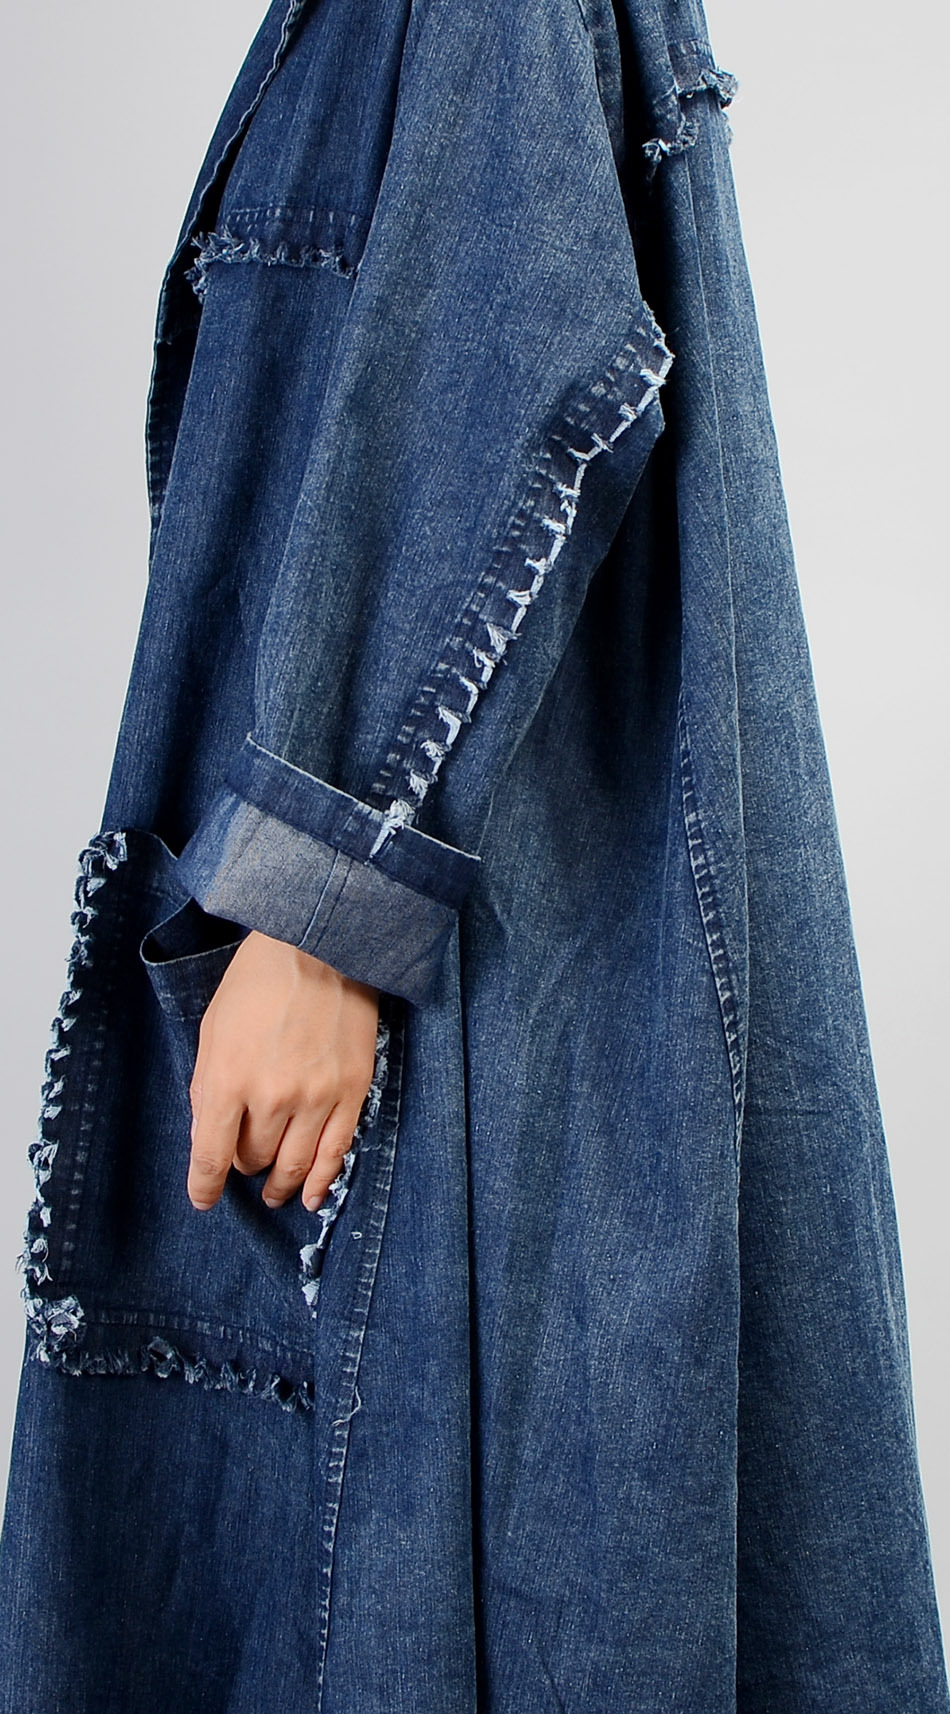 Black De D'origine Irrégulière Denime 2018 Lâche Style Femmes raccord Élégant Plus Manteau Et blue La Européen Américain Slim Tranchée Solid Taille STFHxqwPF